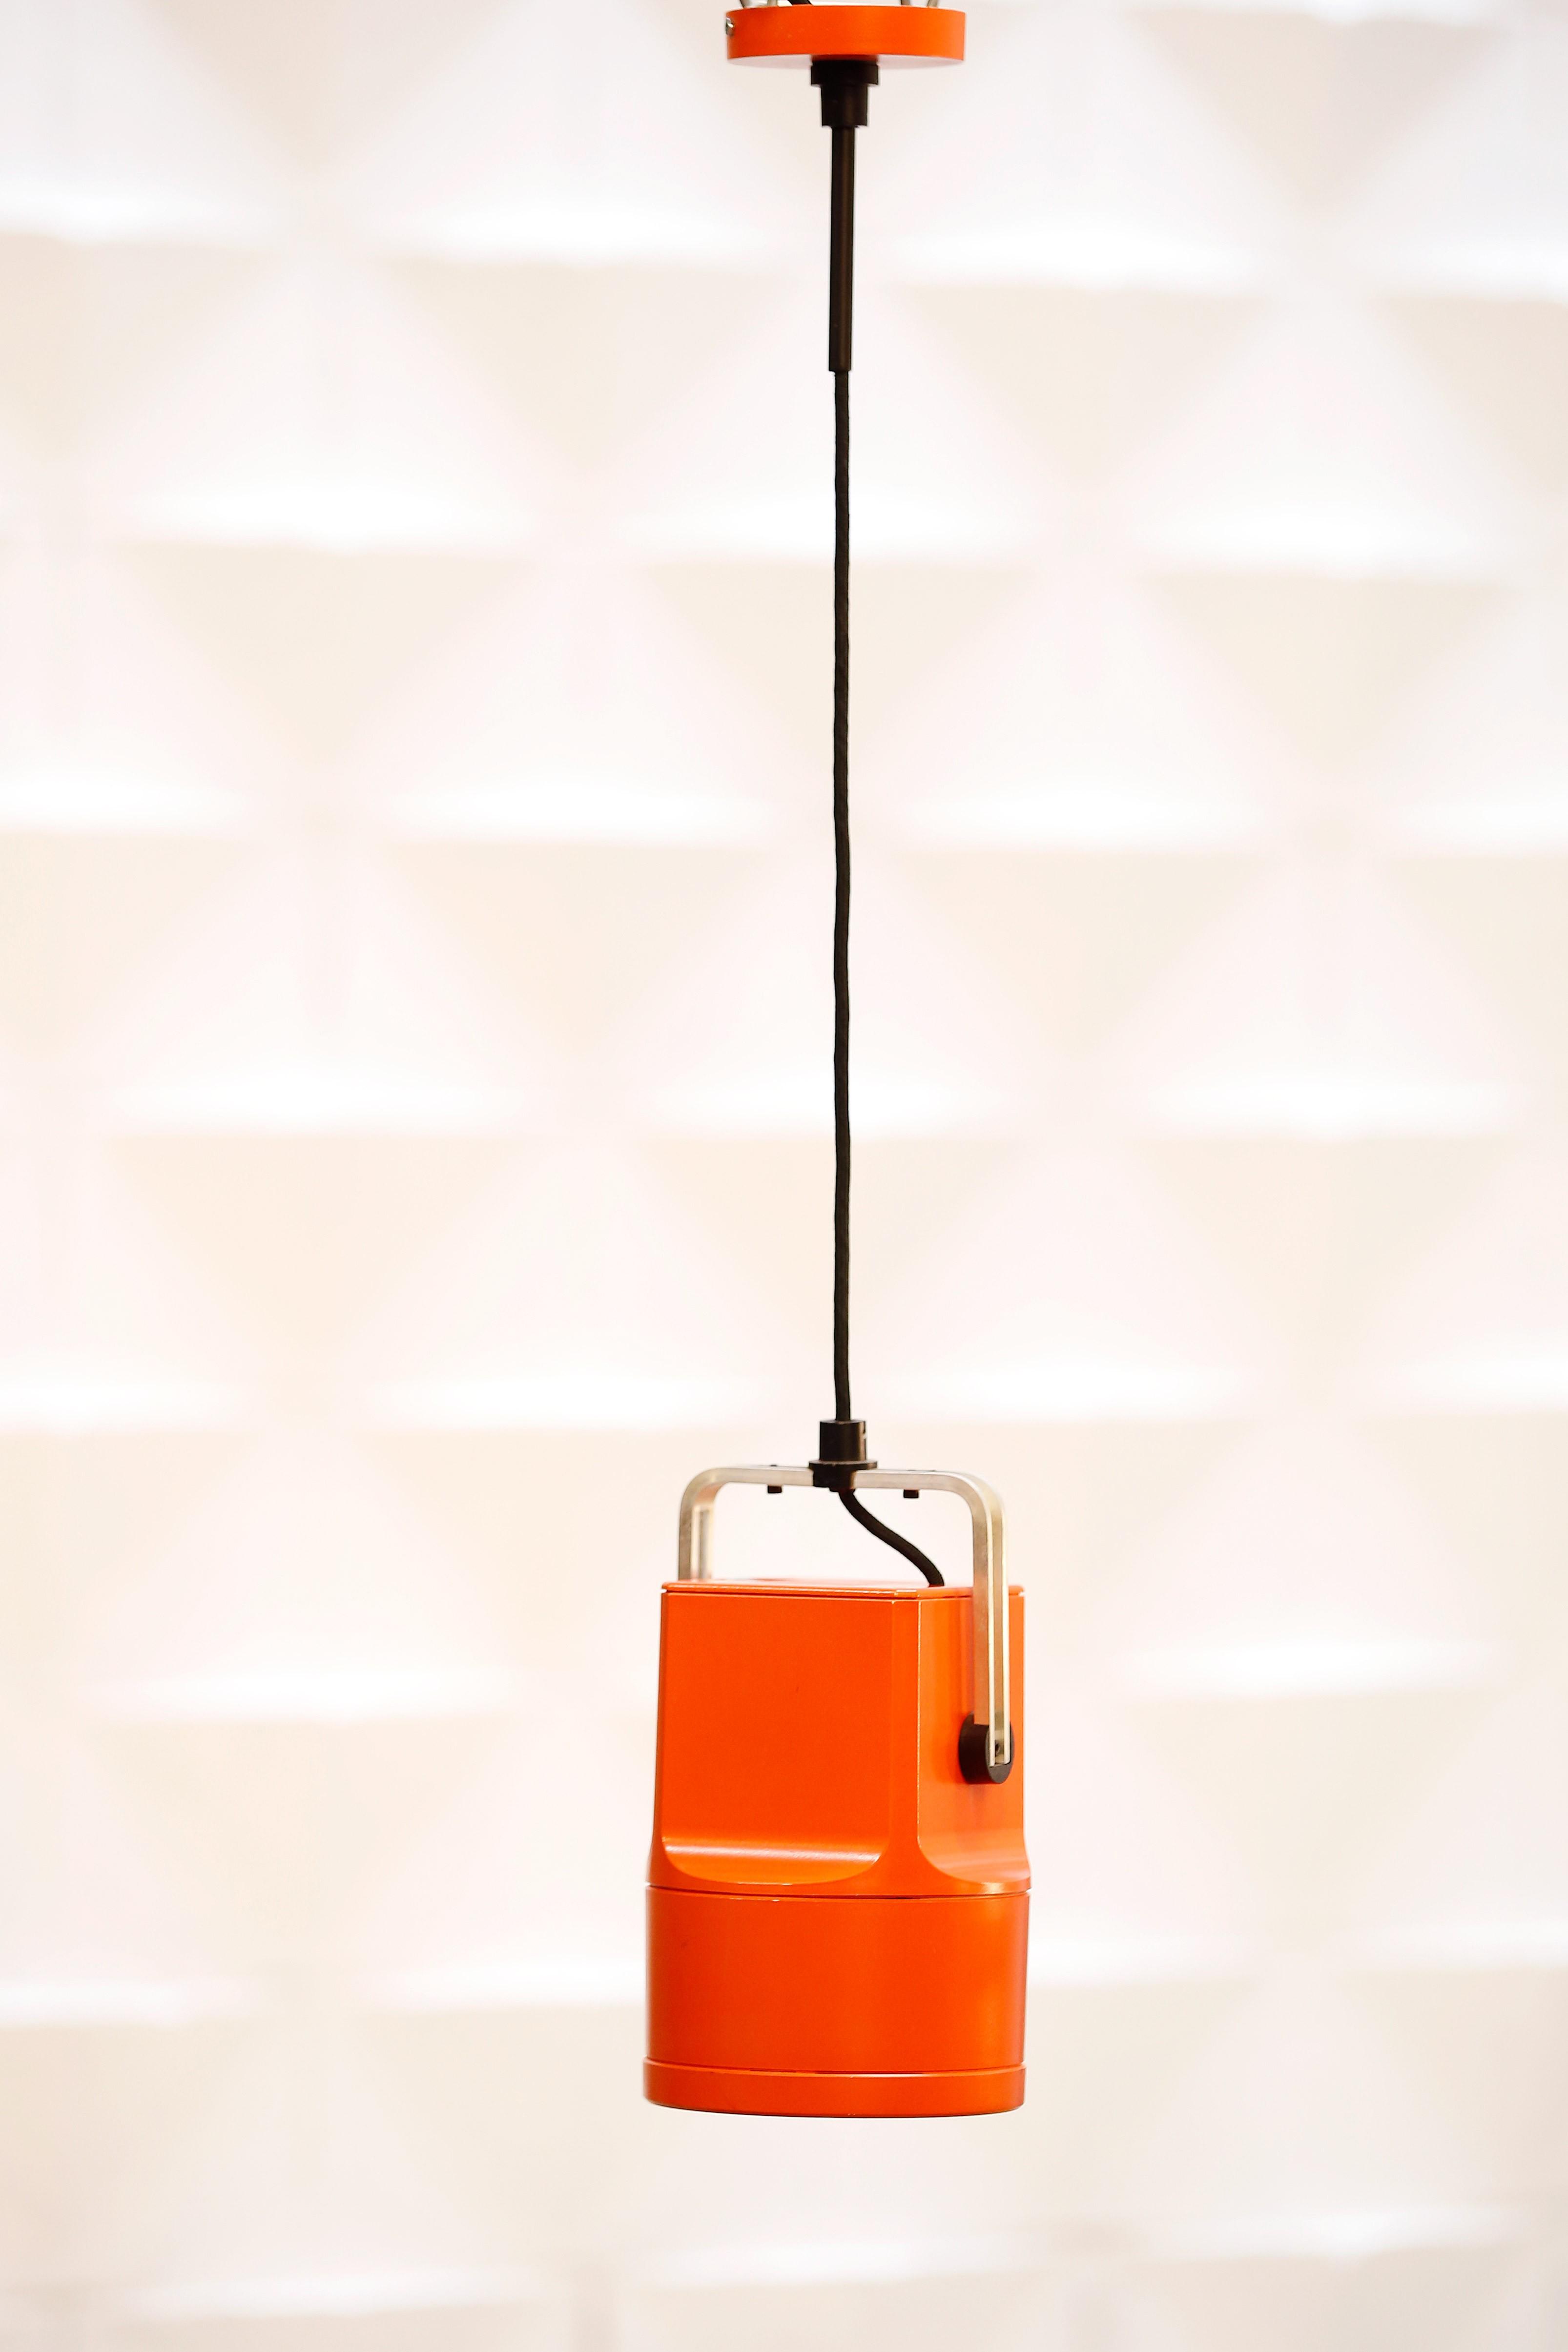 lámpara-vintage-años 70-louis poulsen-unispot-lavictoriana